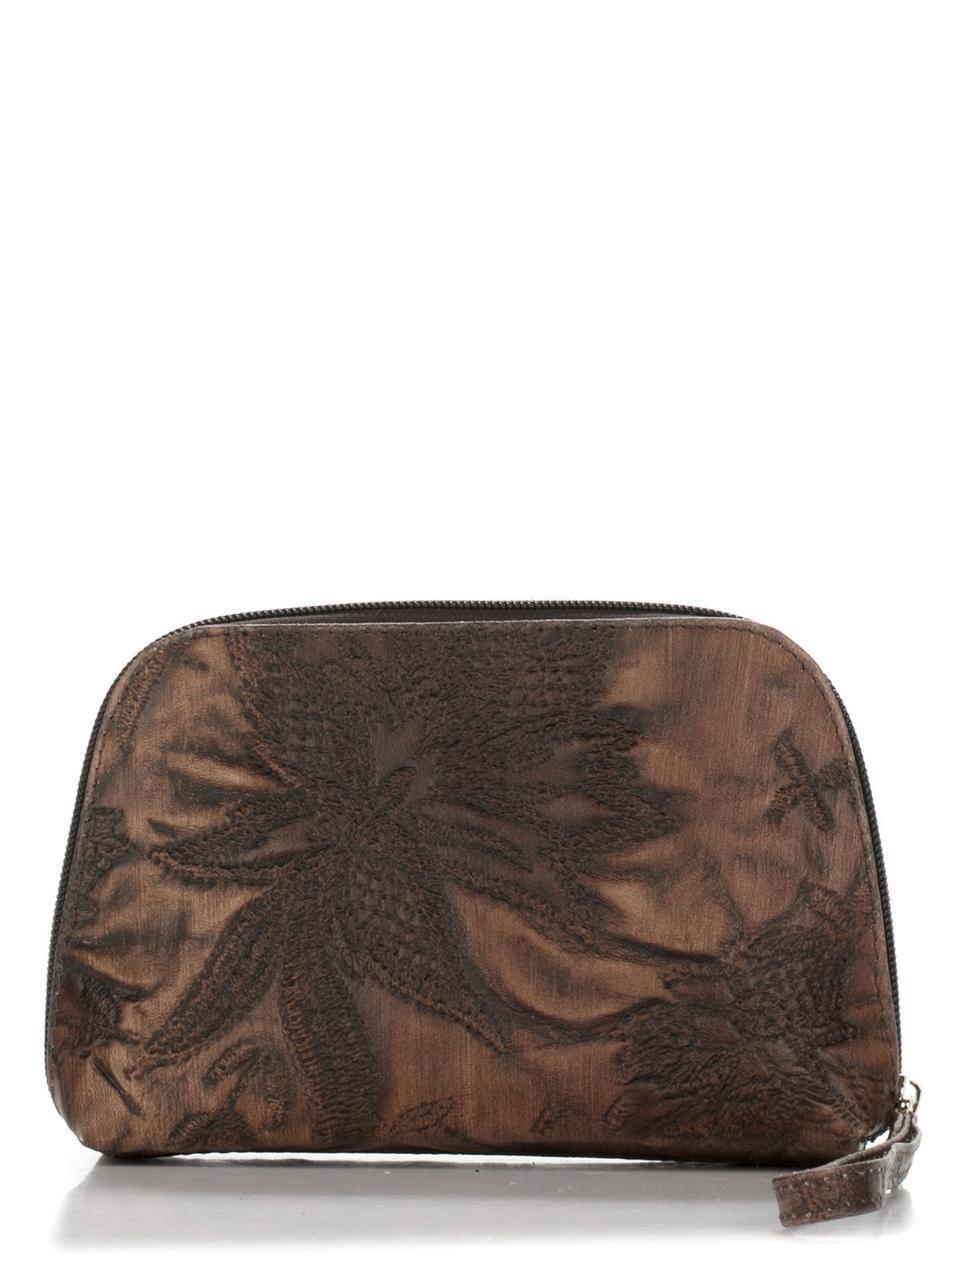 Женская кожаная косметичка 10168 Made in Italy цвет цветочный принт